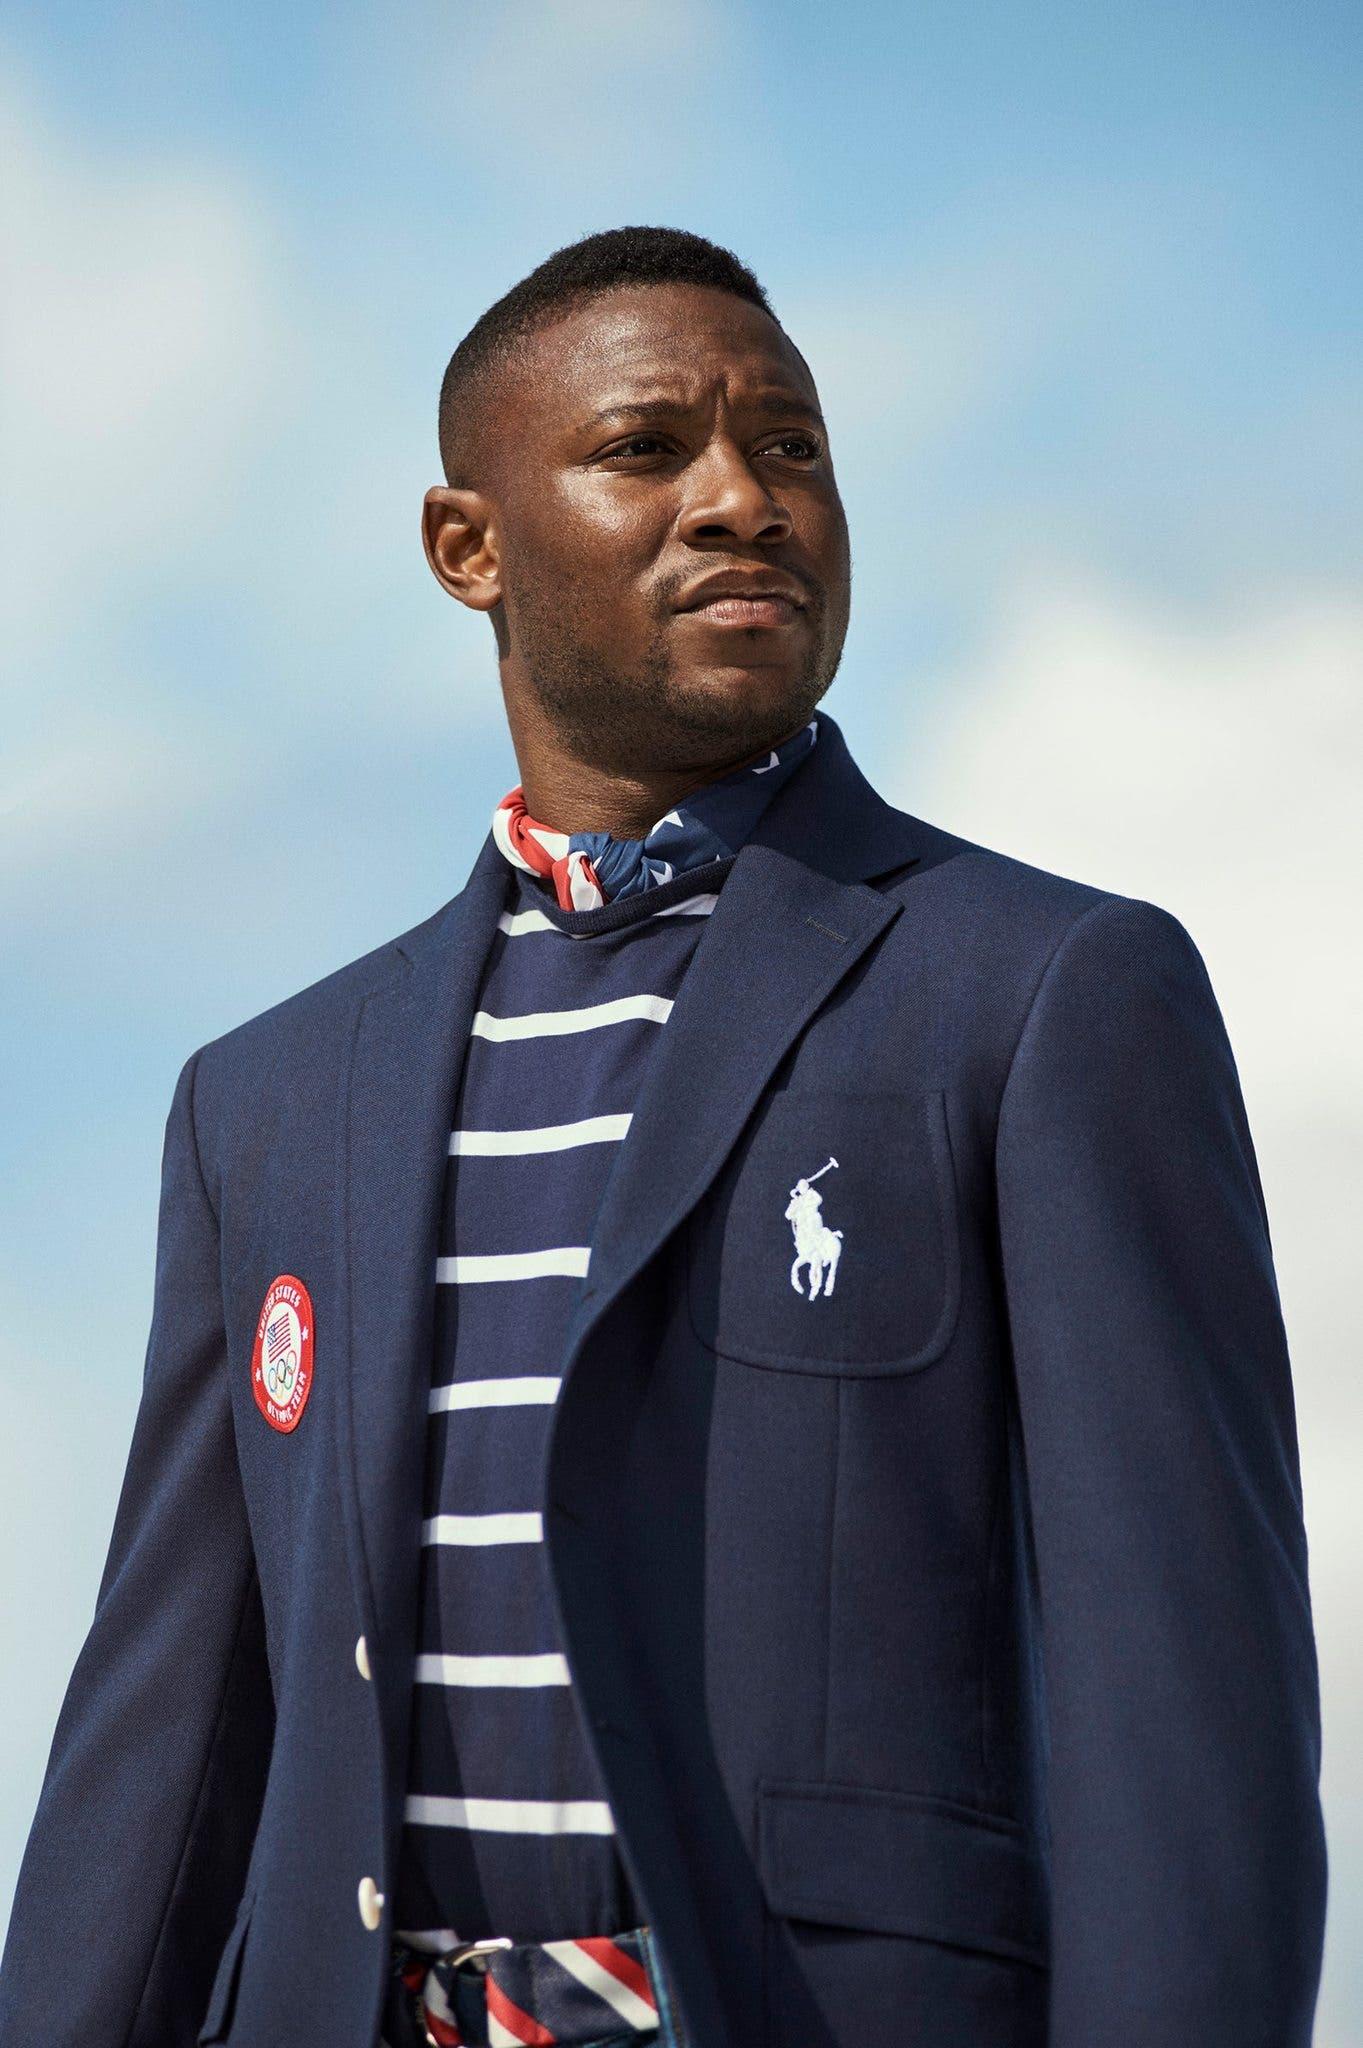 السياف الأولمبي داريل هومر يرتدي البدلة التي صممتها دار رالف لورين للرياضيين الأميركيين المشاركين في الألعاب الأولمبيّة